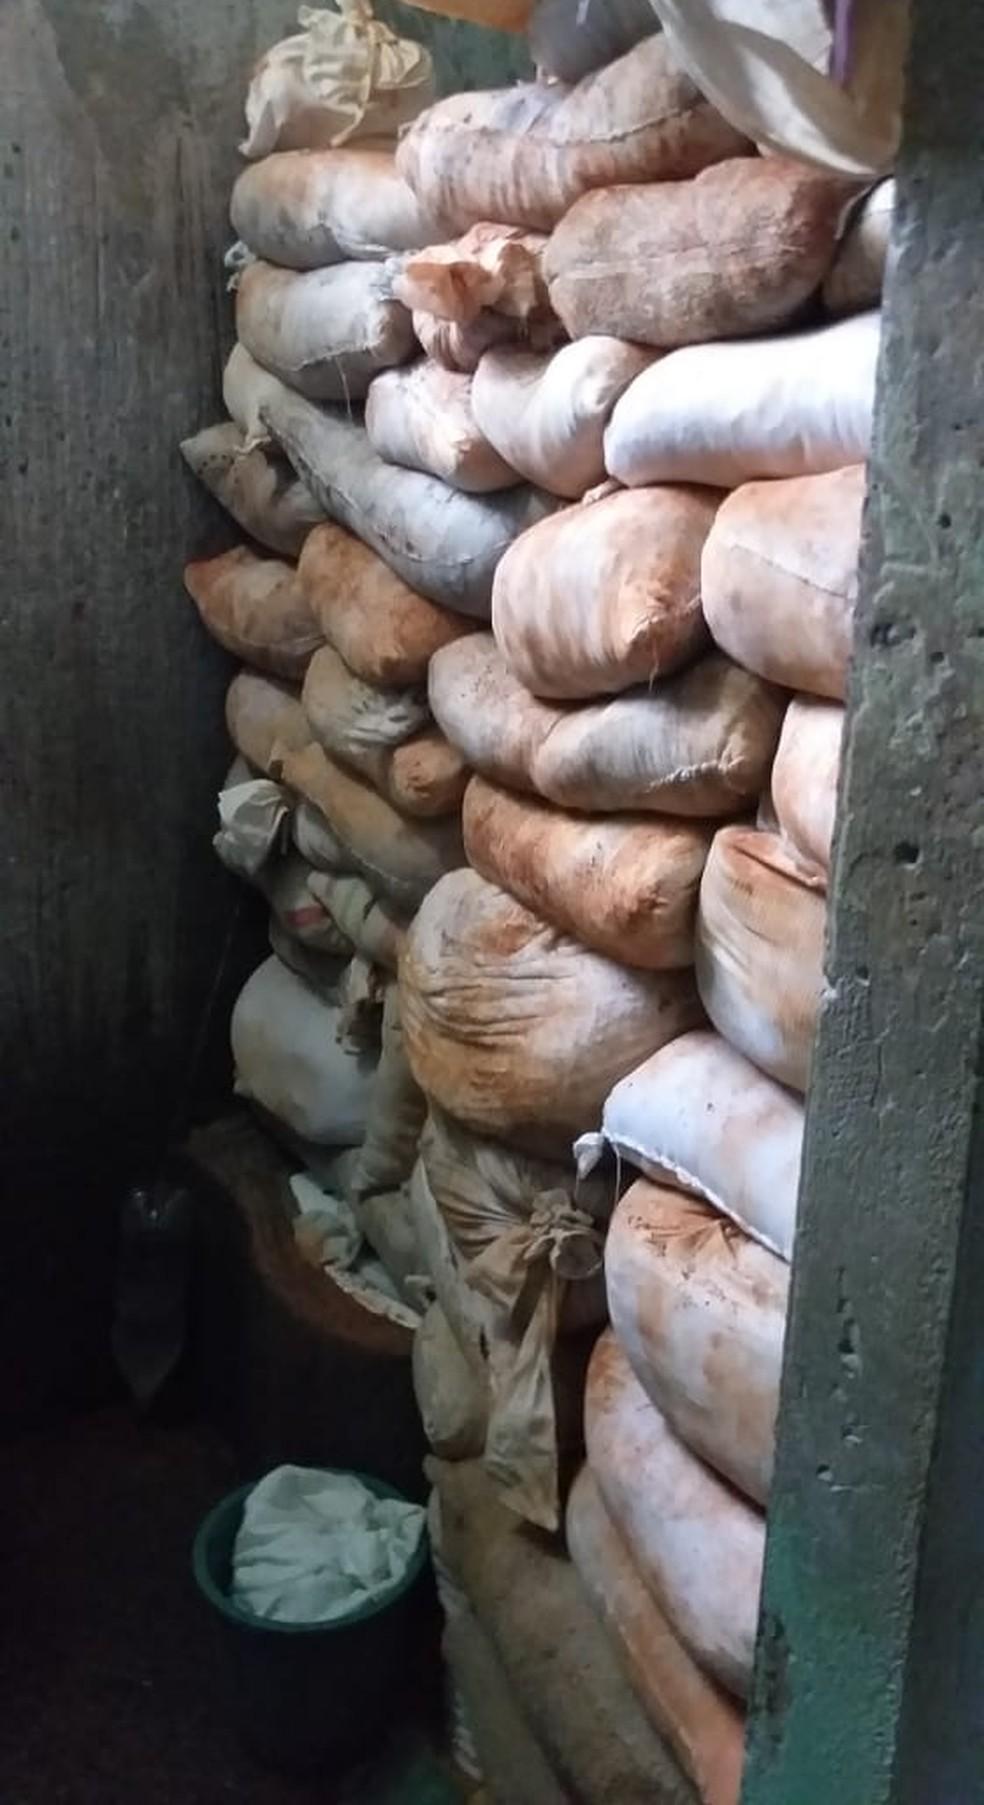 Terra da escavação foi estocada em sacos dentro da cela — Foto: Divulgação